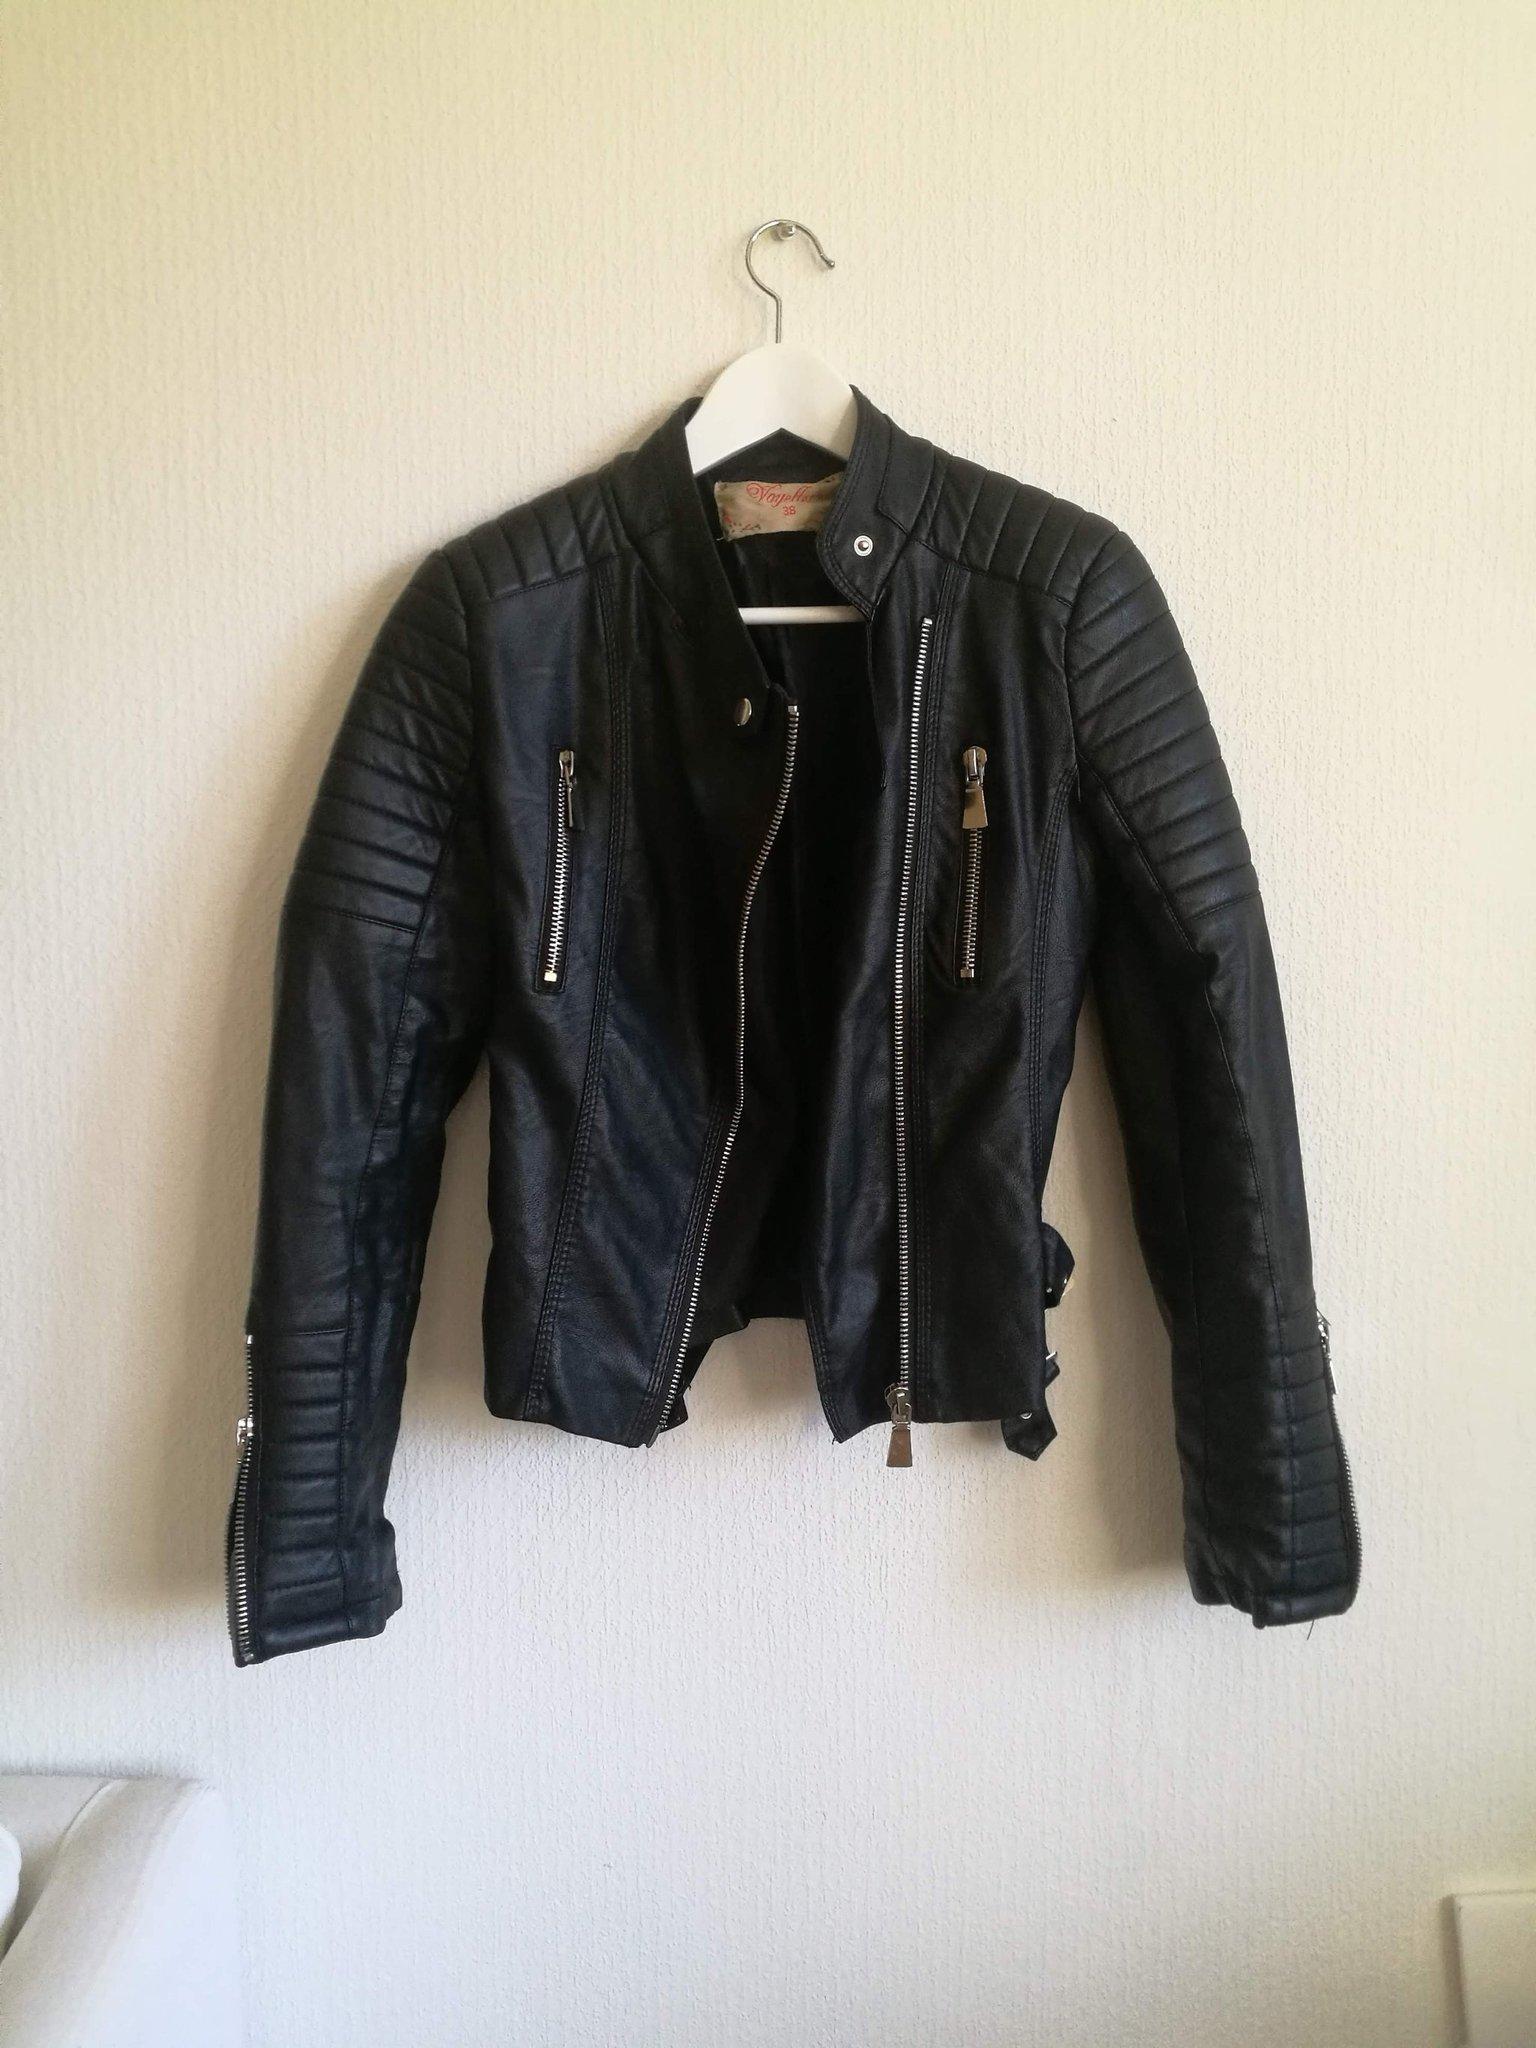 Svart skinnjacka imitation, st 38 från Chiquelle, Moto Jacket Black